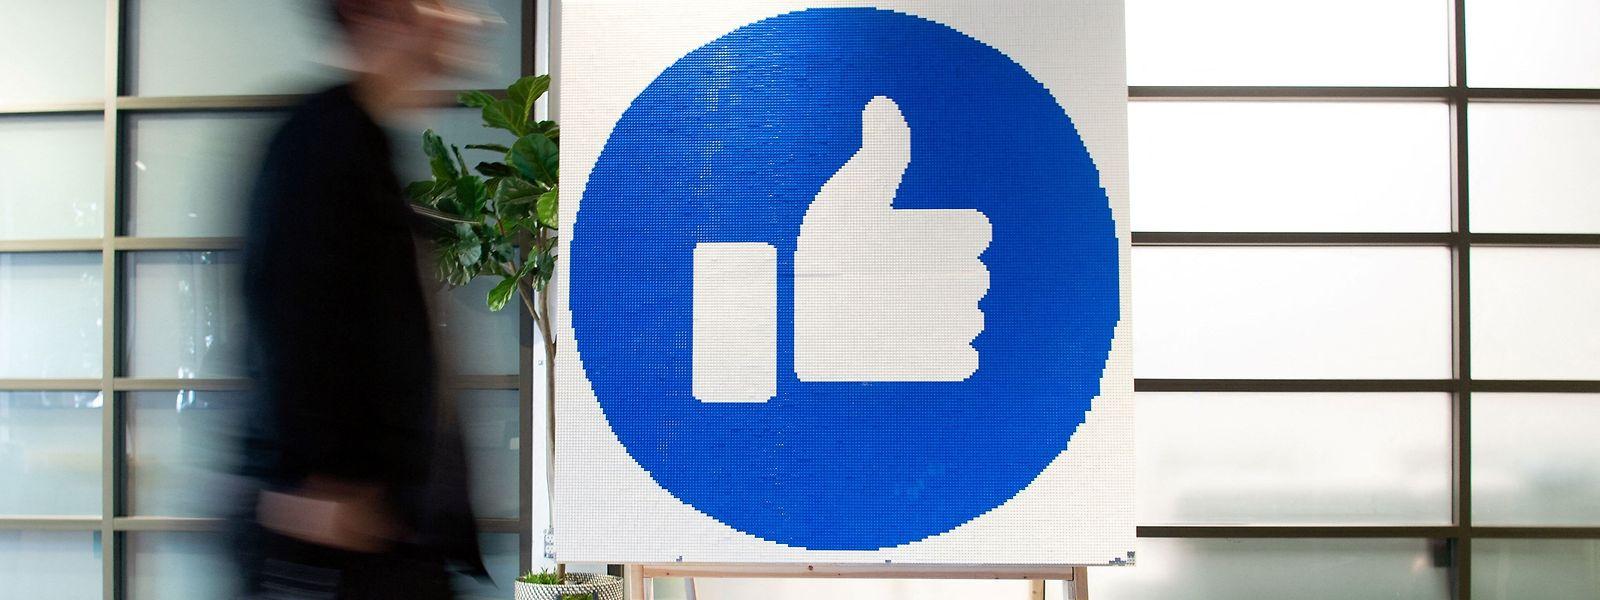 Mit dem neuen Mediengesetz in Australien, das am Mittwoch verabschiedet wurde, werden Google und Facebook künftig dazu gezwungen, örtliche Medienunternehmen zu bezahlen, wenn sie deren Inhalte verbreiten.